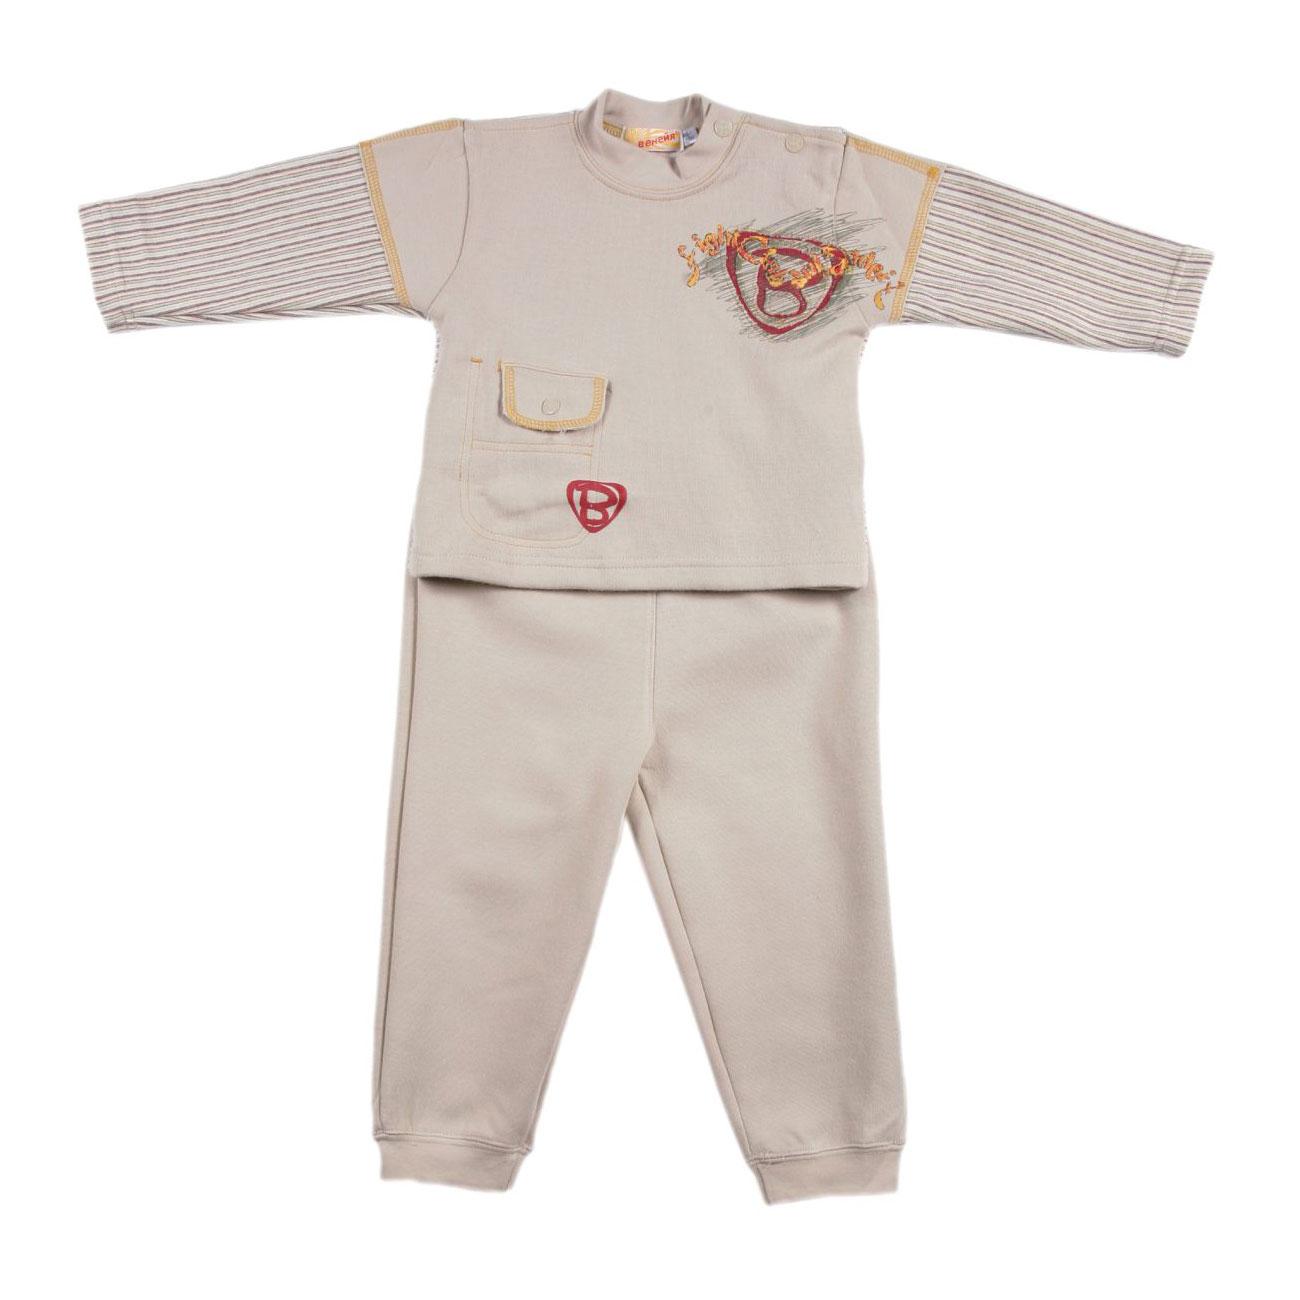 Комплект Veneya Венейя (джемпер + брюки) с кнопками на воротнике для мальчика,бежевый размер 86